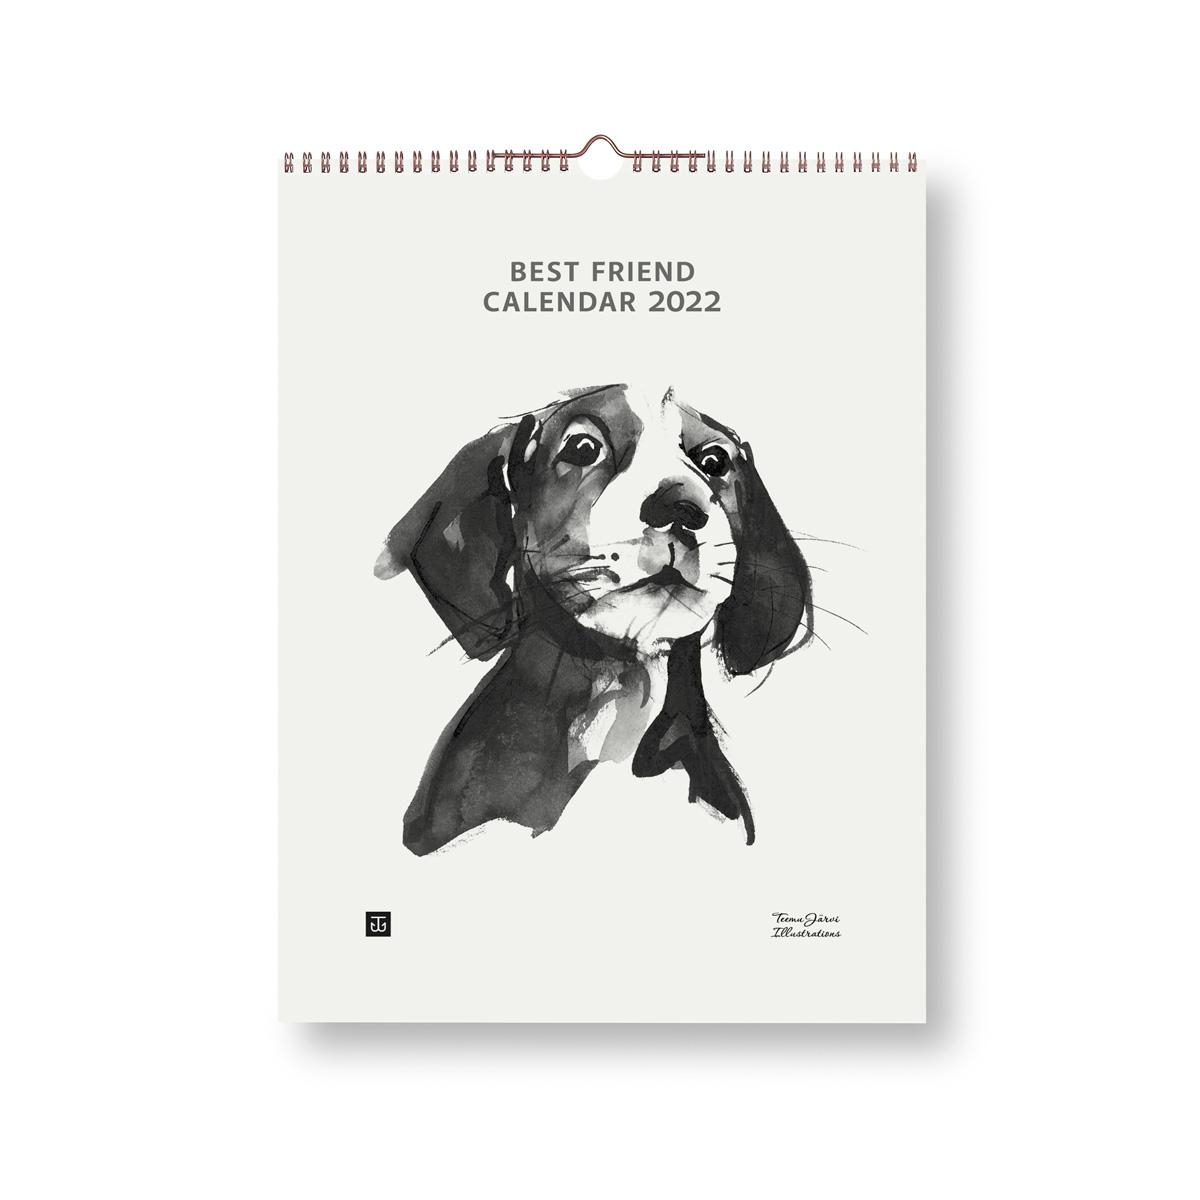 Best Friend calendar